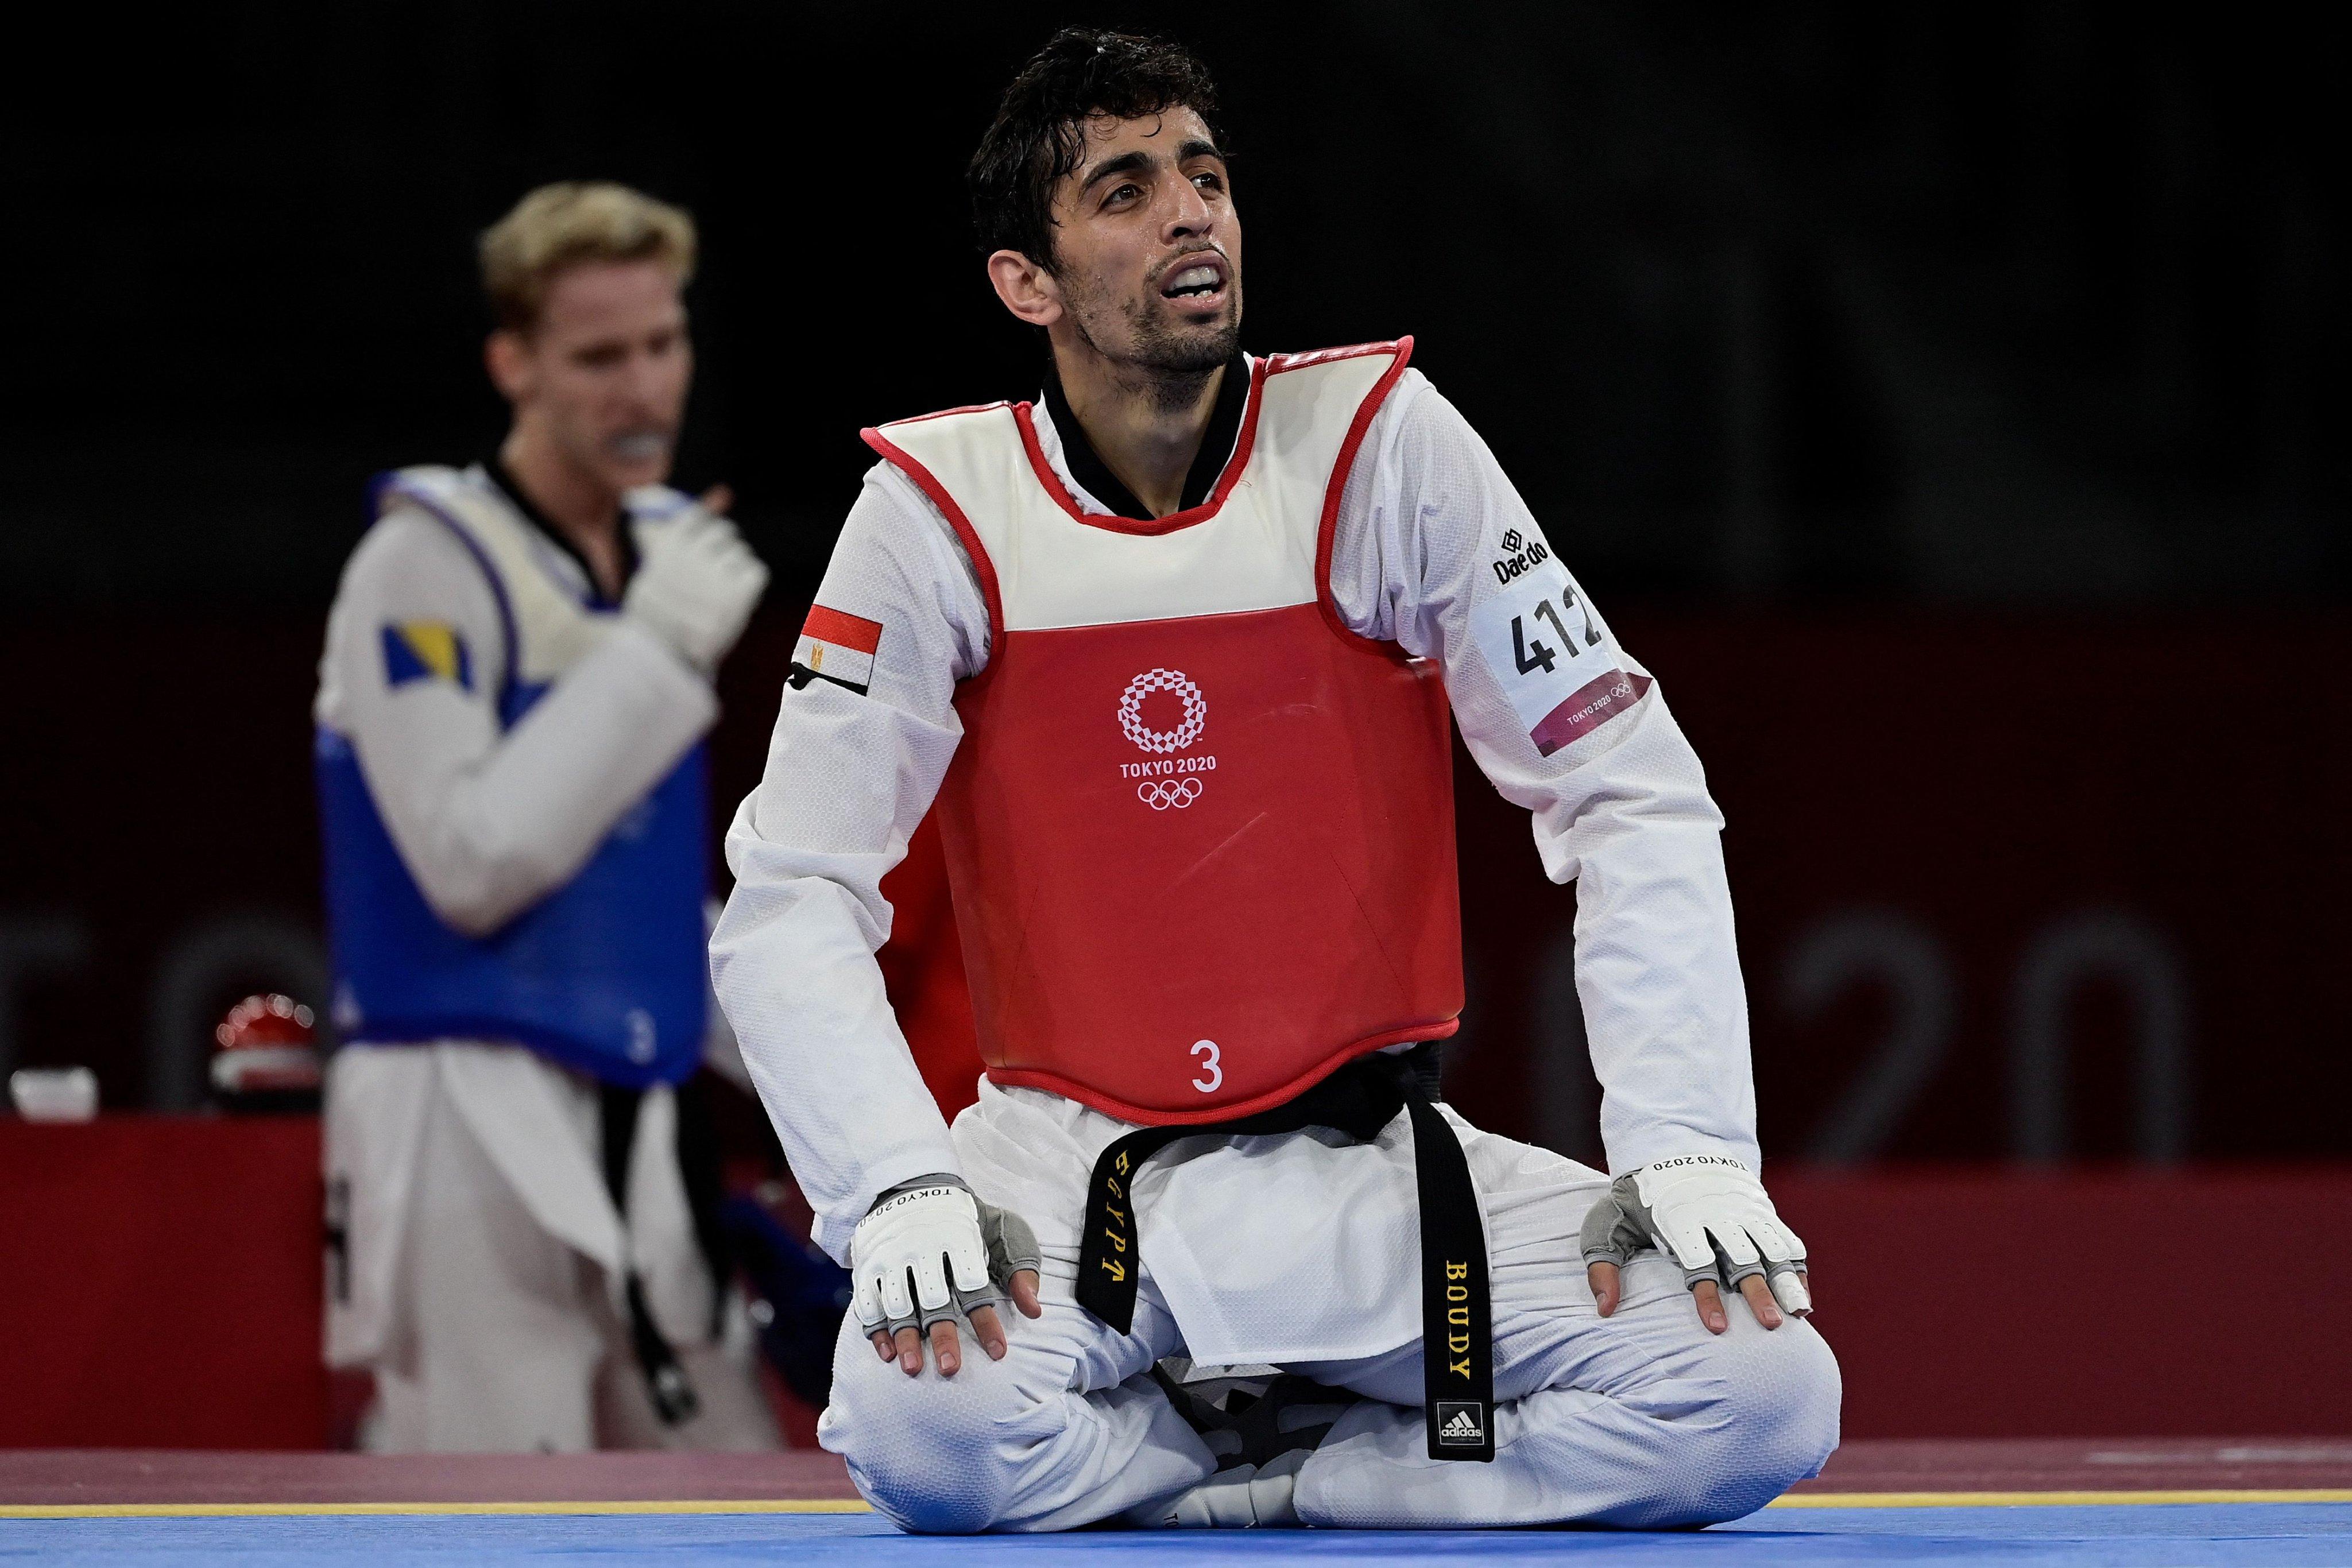 أولمبياد طوكيو - عبدالرحمن وائل